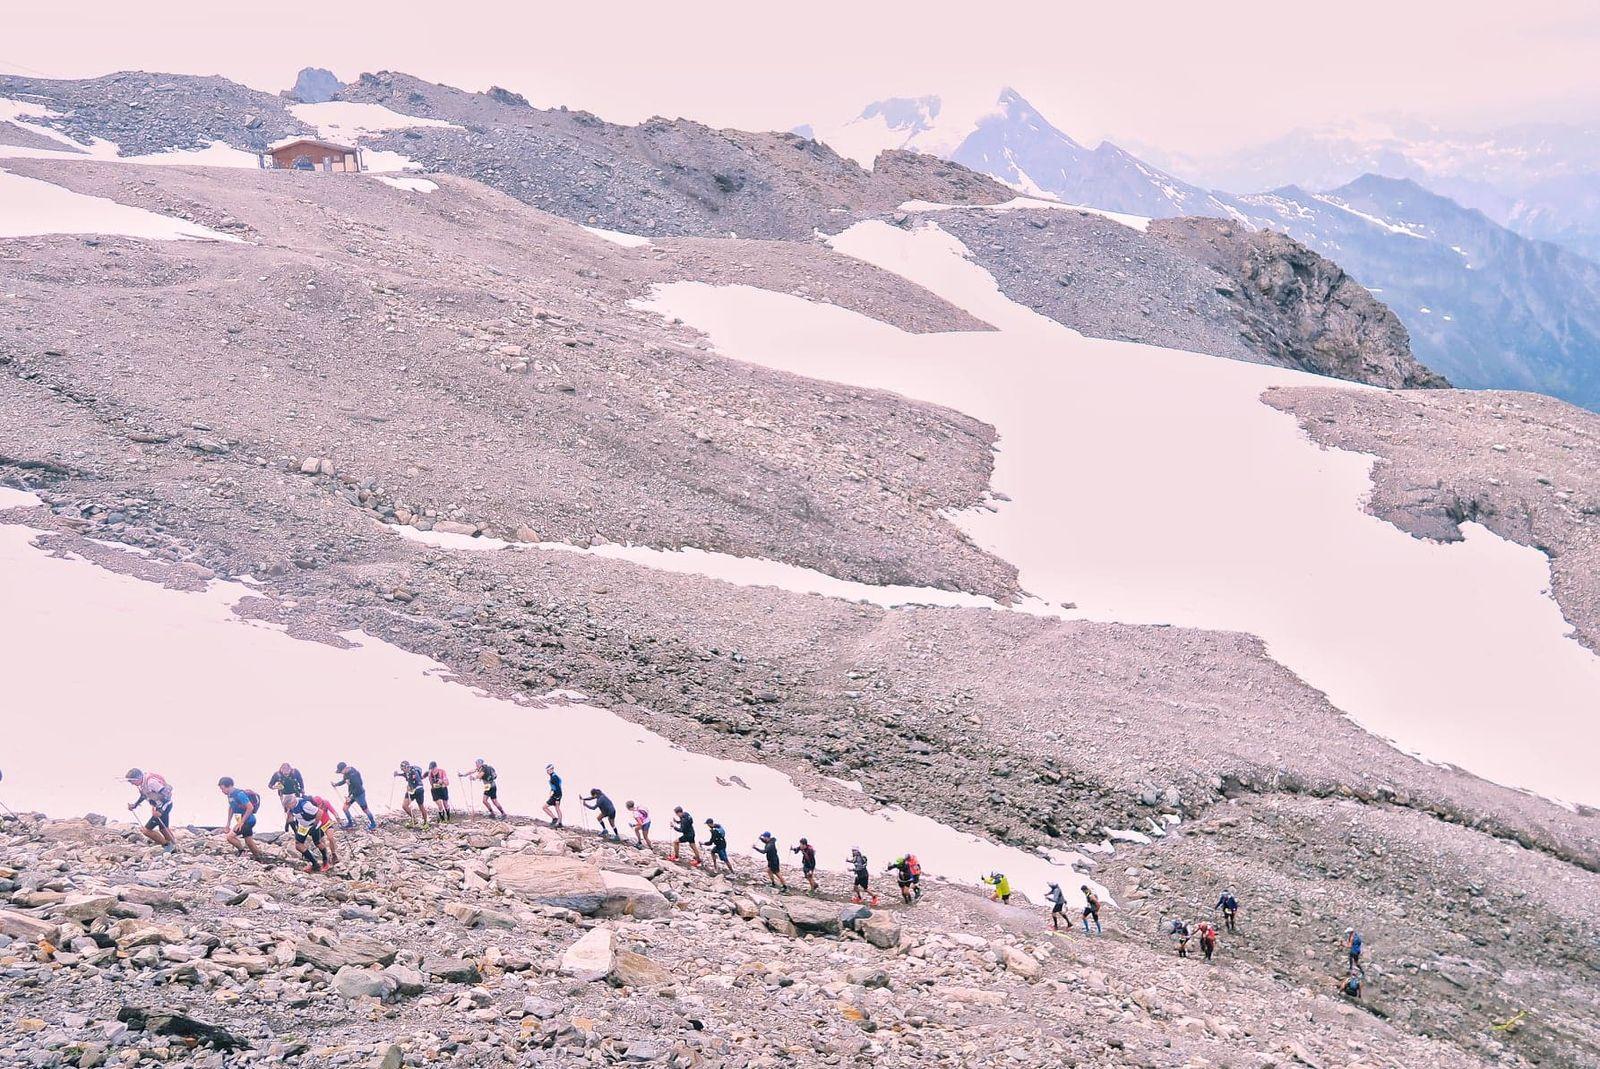 La fin de la montée sur le glacier